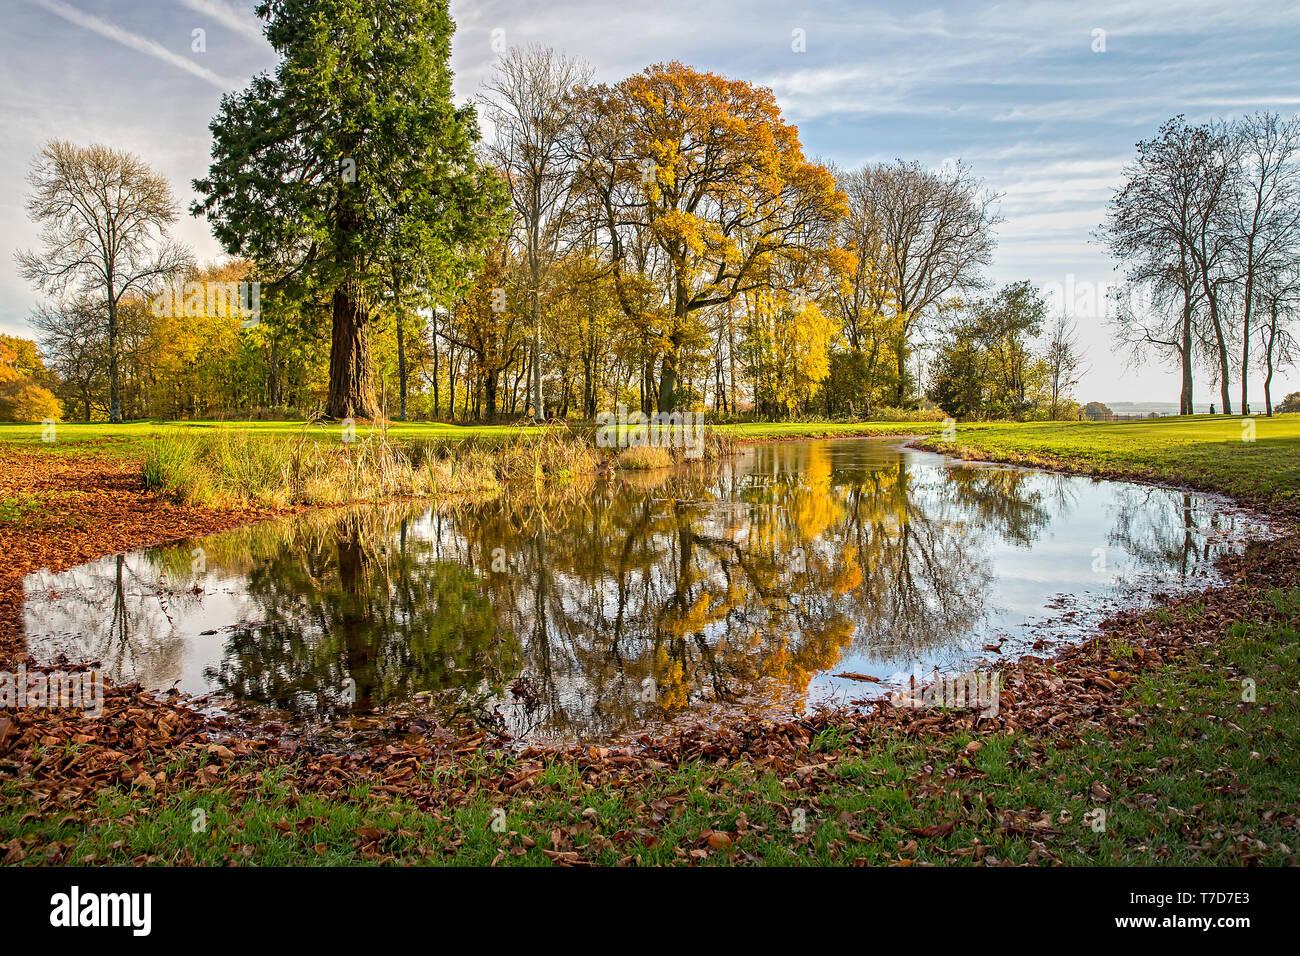 Rushmore Park Golf Club en otoño. Wiltshire, Reino Unido. Foto de stock